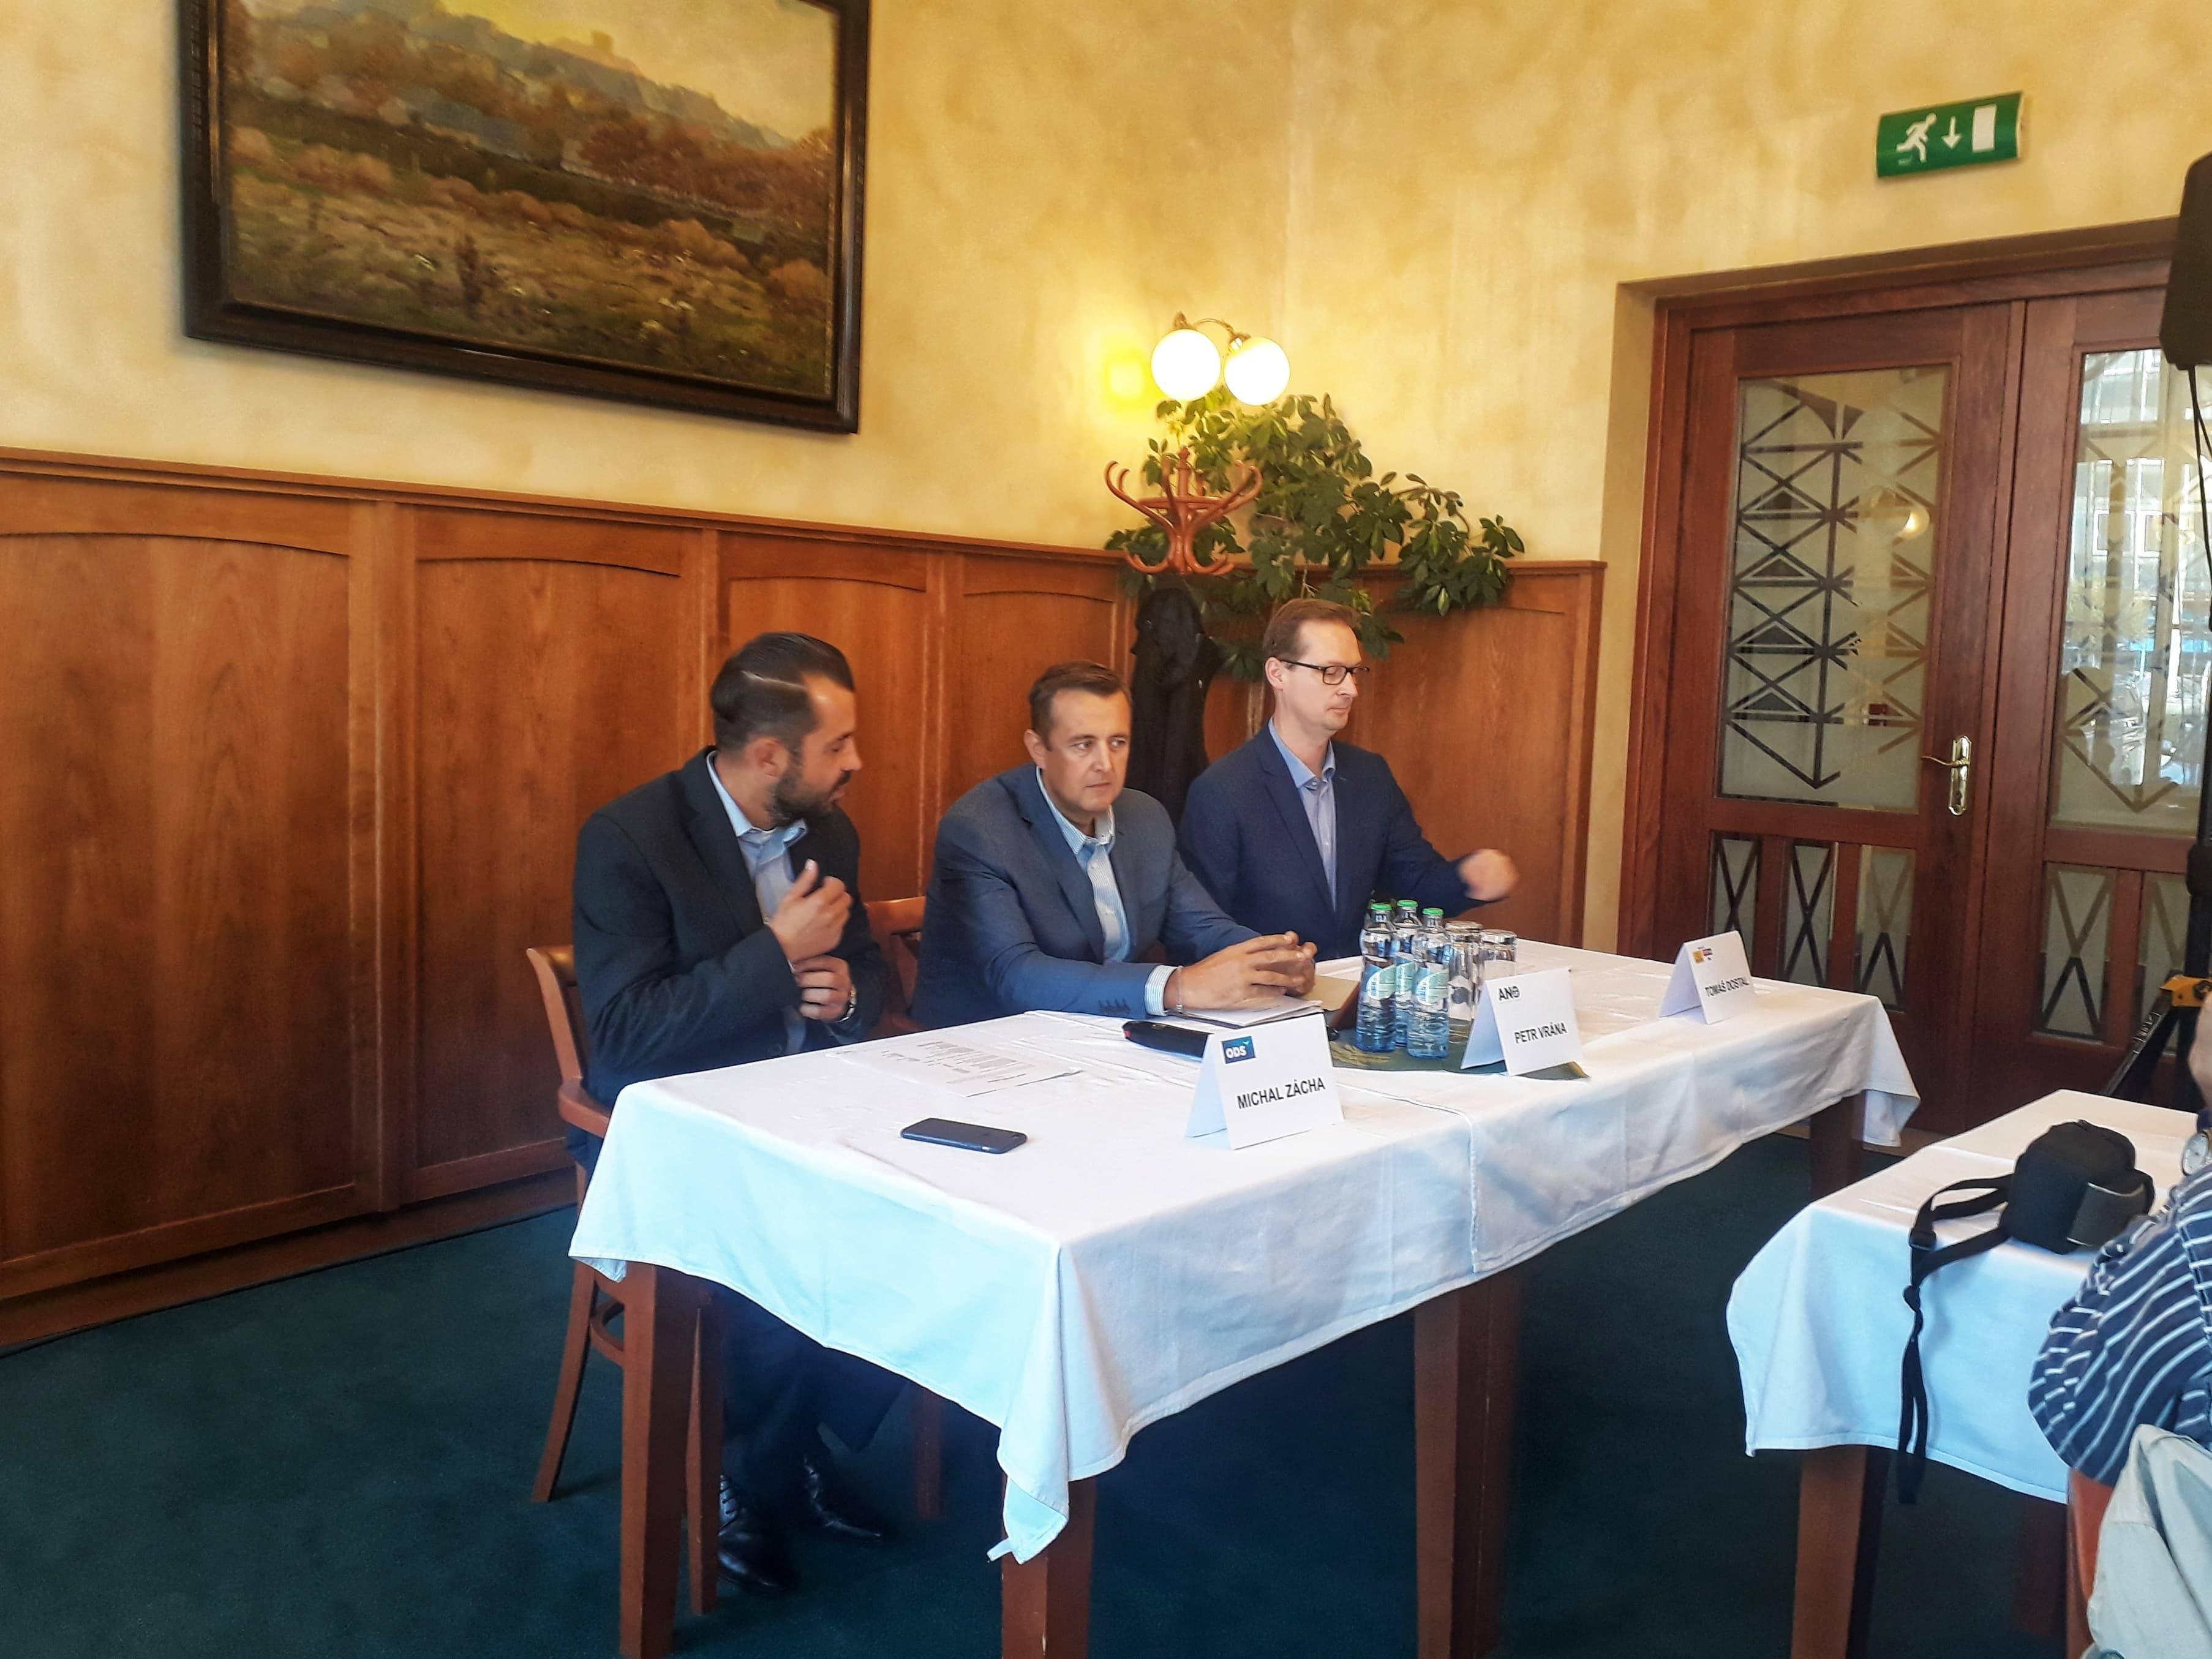 Výsledky koaličních jednání: přerovským primátorem by měl být Měřínský, koordinace dopravních staveb v gesci Navrátila